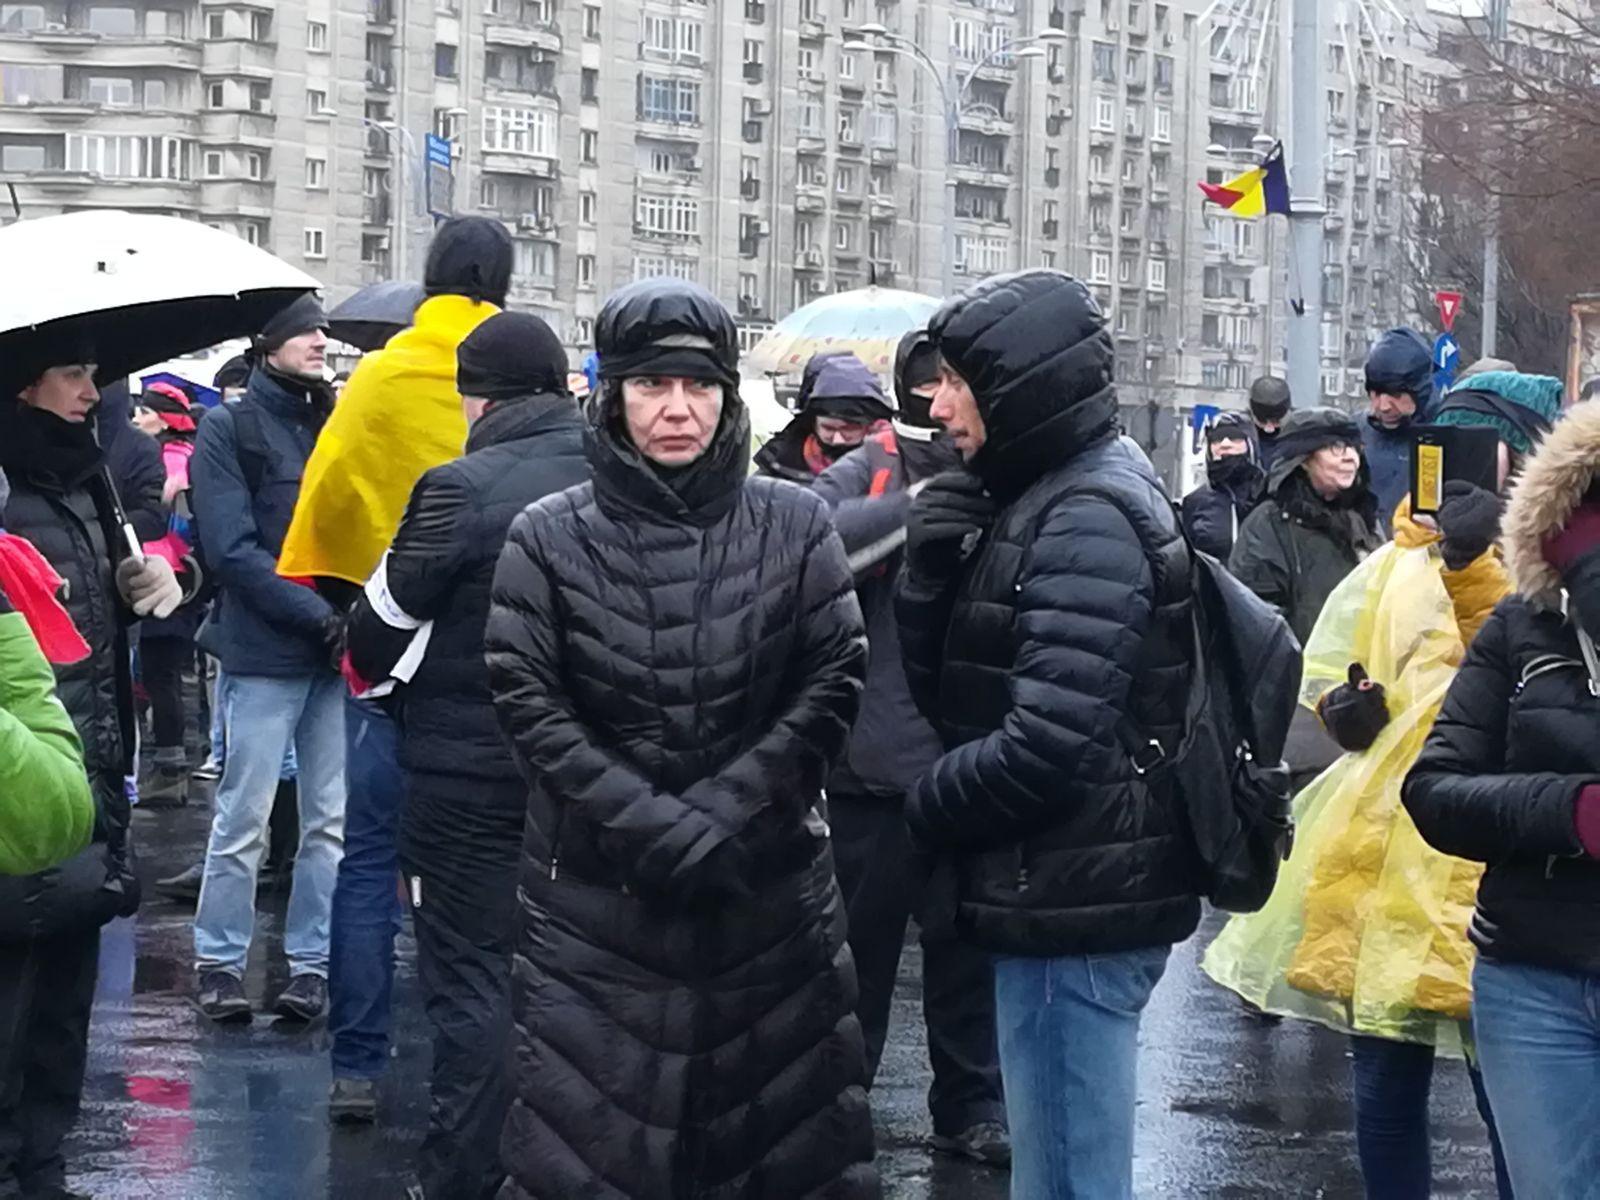 Protest mut în faţa Guvernului faţă de modificările aduse legilor justiţiei/ Oana Pellea: Suntem într-o ţară liberă în care putem manifesta când nu suntem de acord   VIDEO